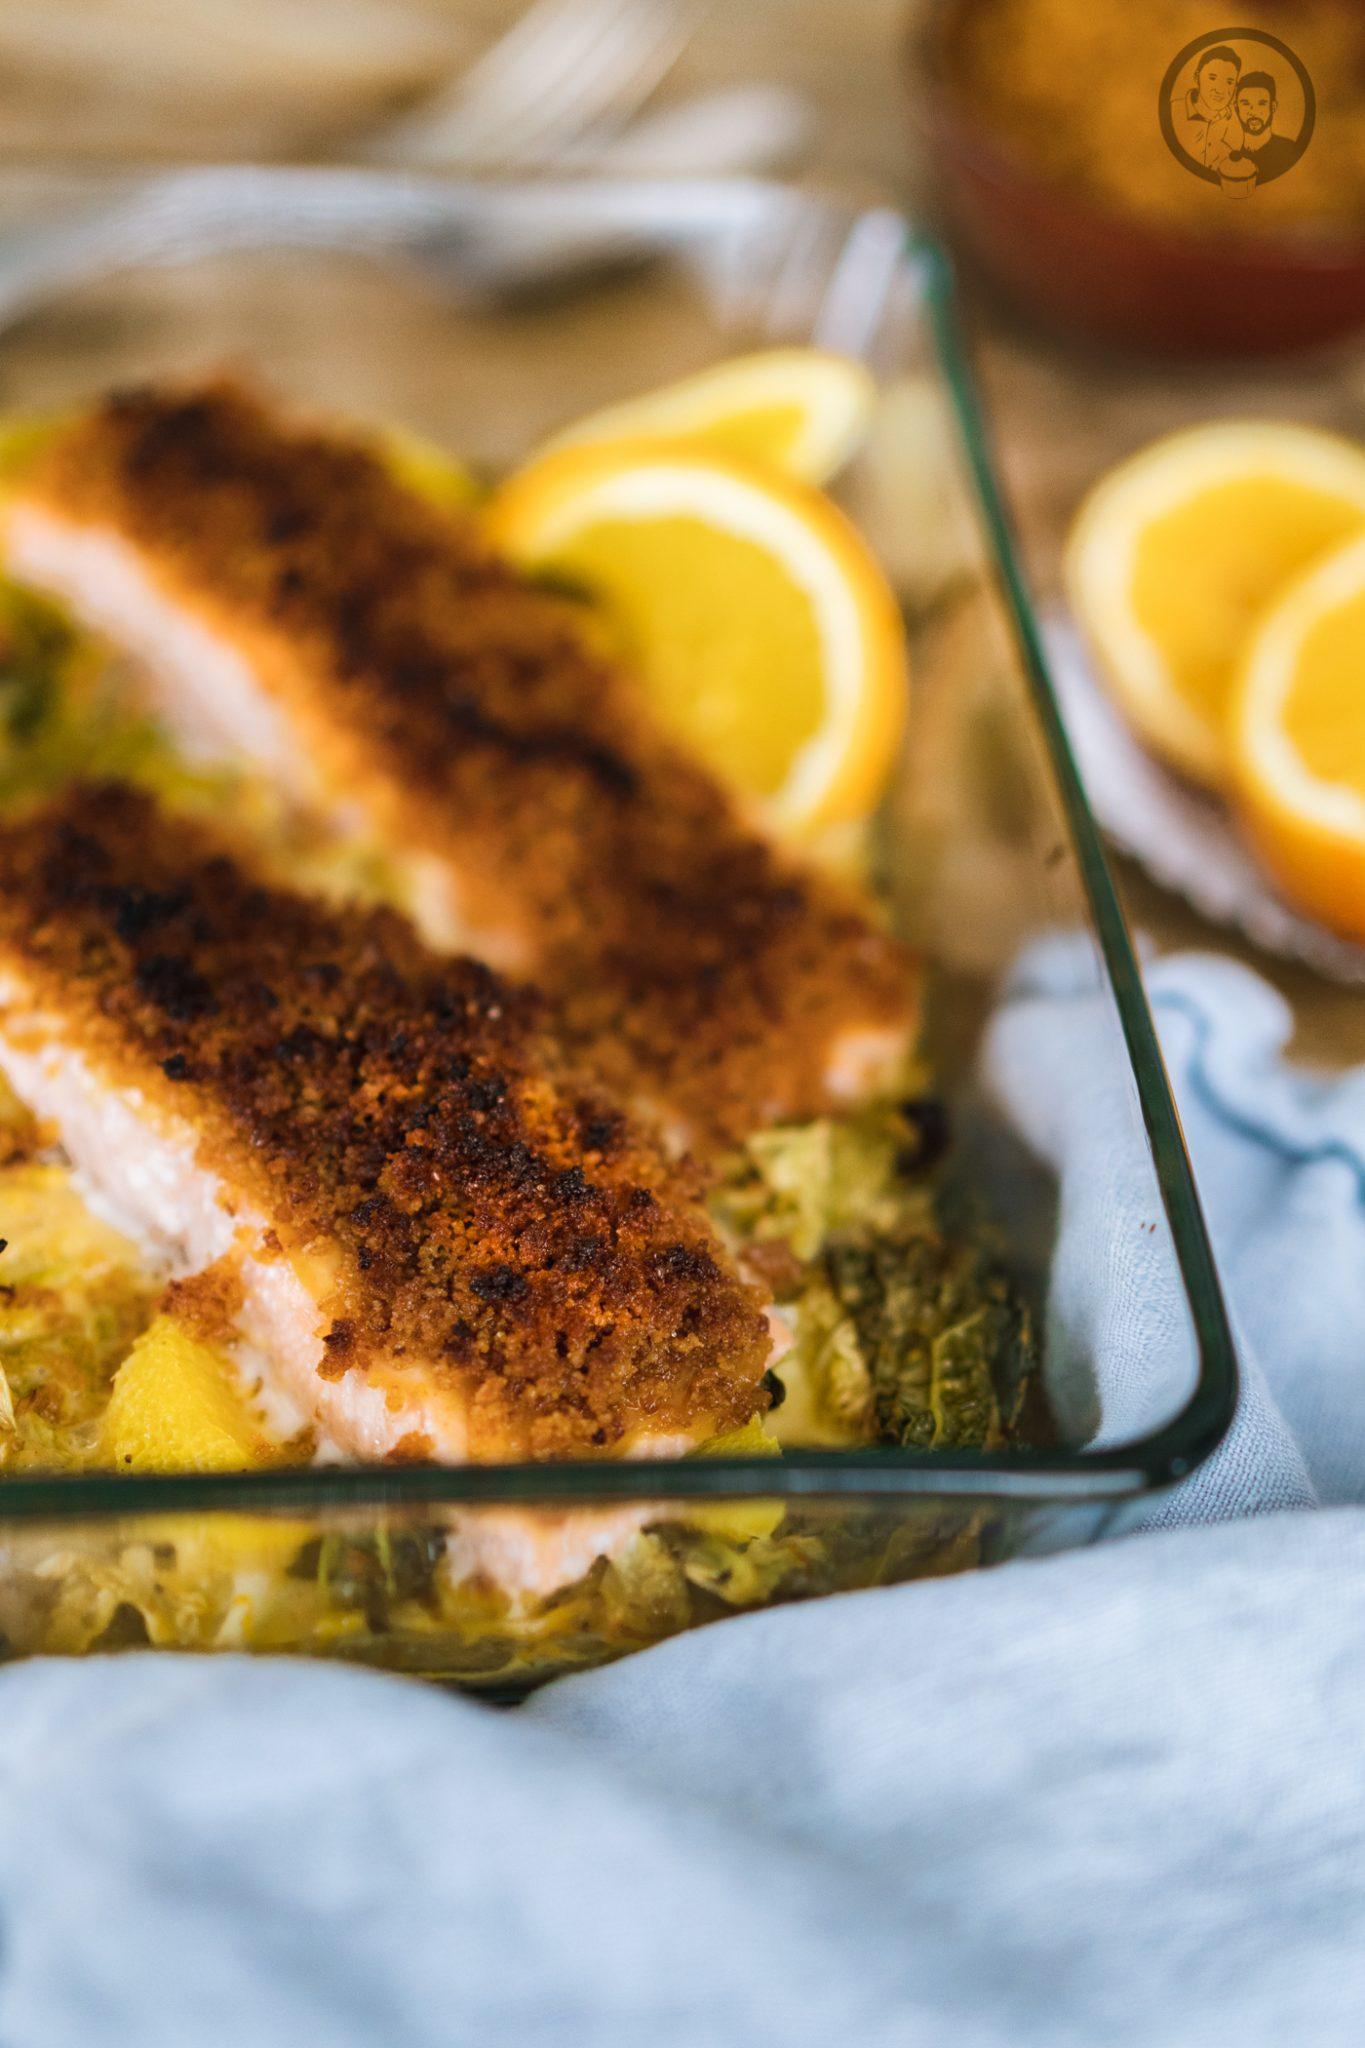 Lachs mit Lebkuchenkruste 7 | Wenn es um Fisch oder Meeresfrüchte geht, sind wir beide ja immer mit dabei. Wir mögen so gut wie jede Zubereitungsart. Ob gedämpft, gegrillt oder im Ofen gebacken. Daher freuen wir uns immer wieder sehr darüber, wenn wir ein neues Fischrezept vorstellen können. Heute geht es bei uns um ein leckeres Lachsfilet.